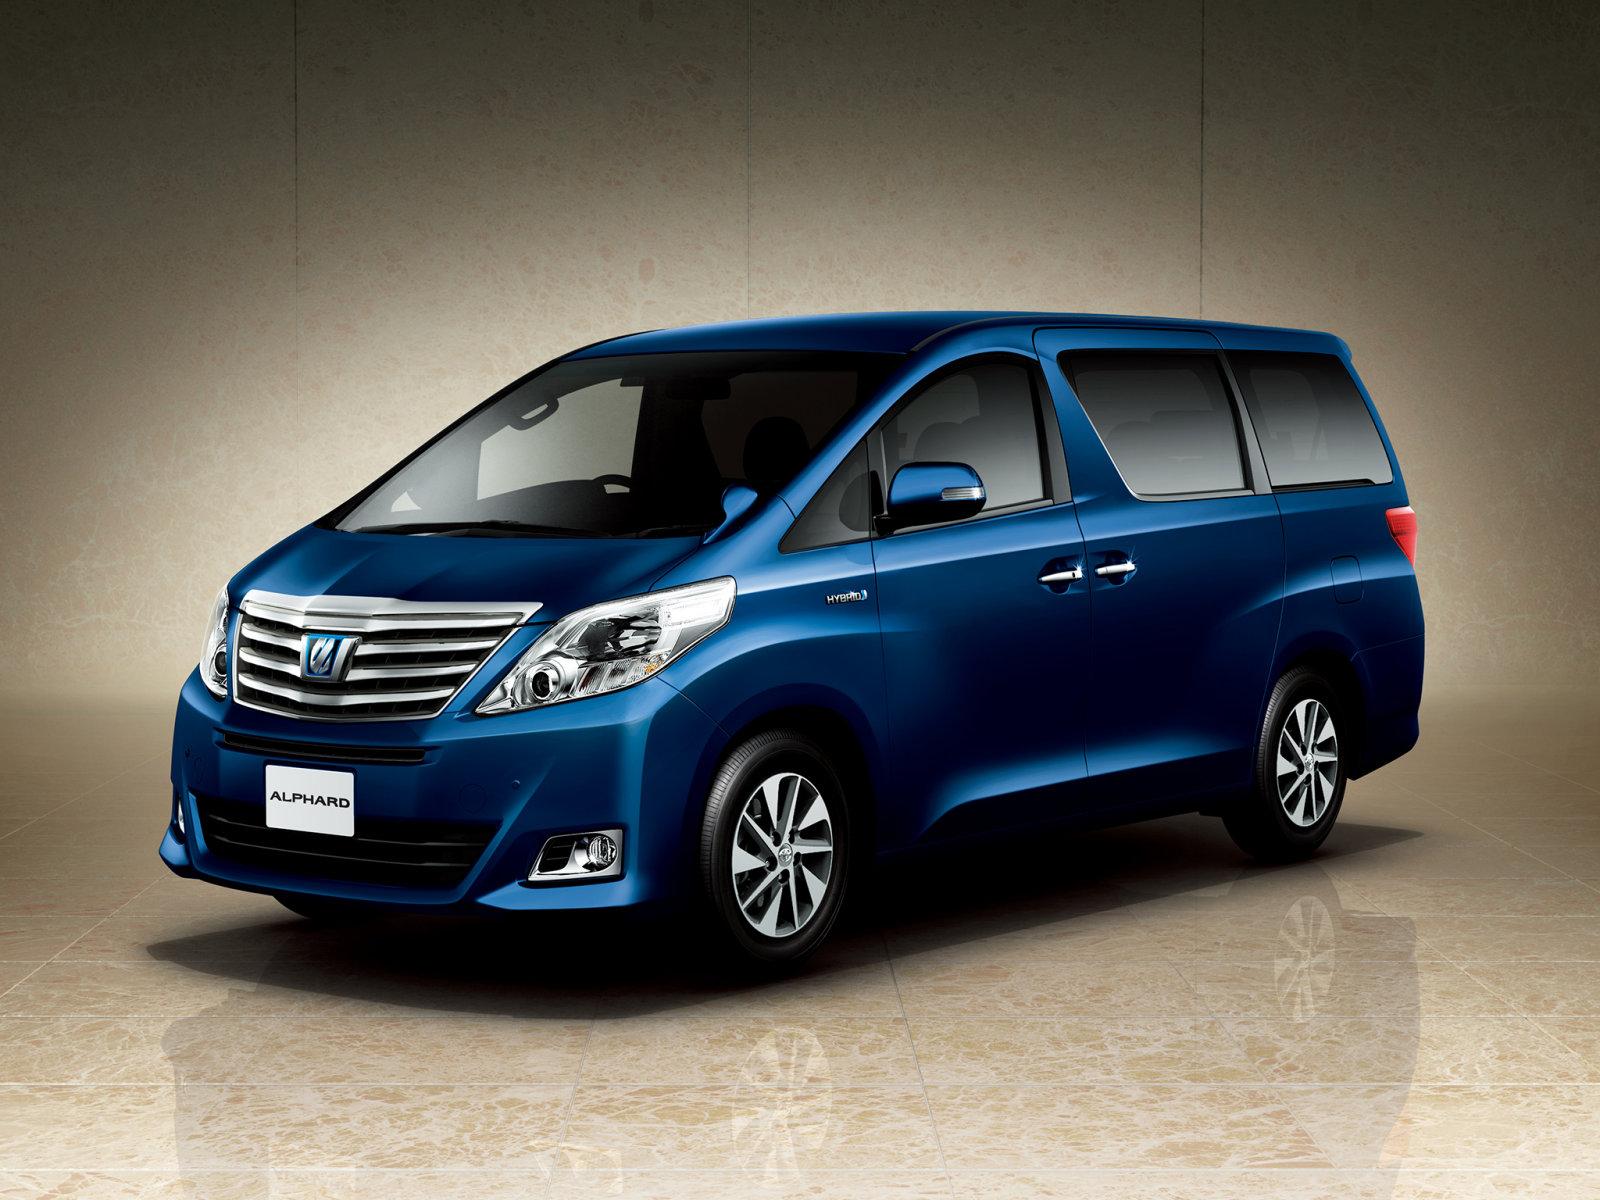 Toyota(Тойота) официальный дилер в СПБ - Центр Невский